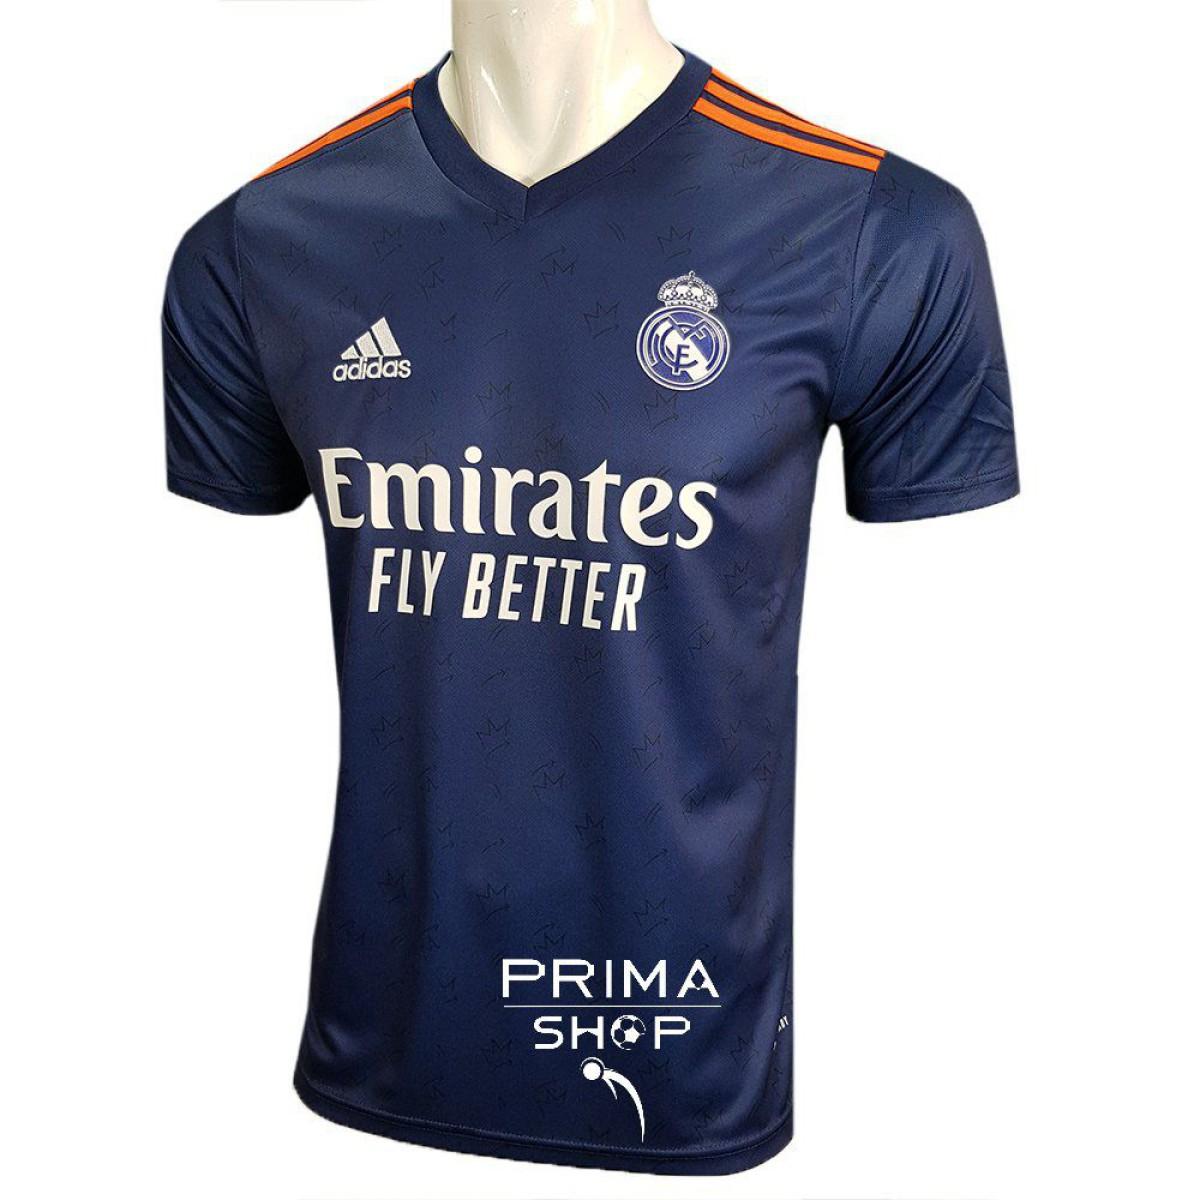 لباس دوم رئال مادرید 2022 احتمالی